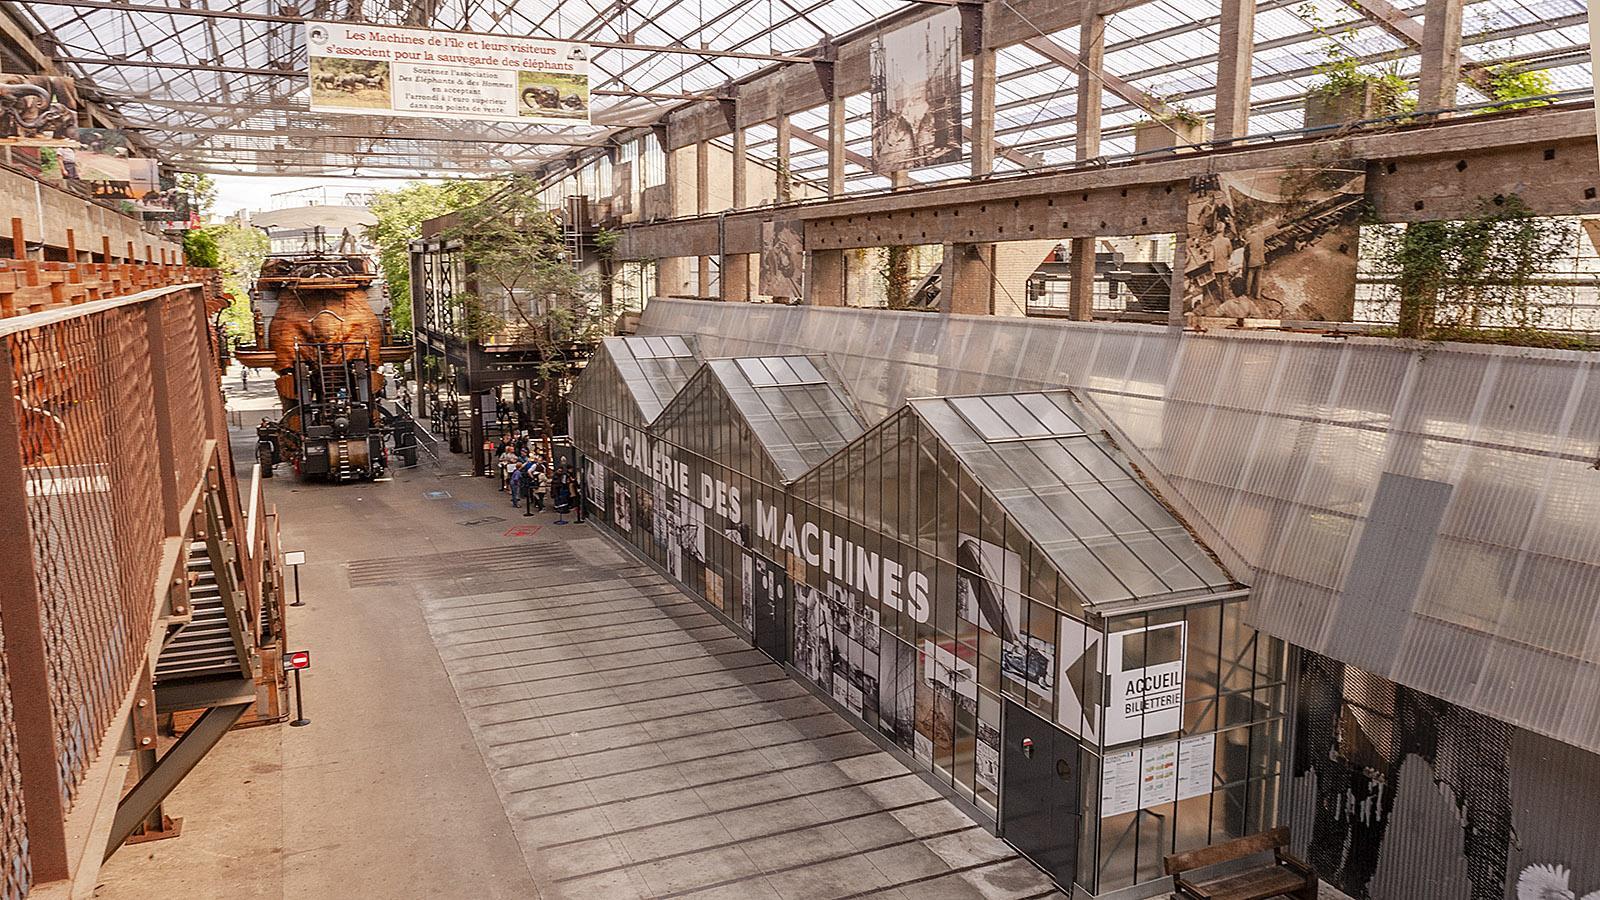 Jean Blaise, Ile de Nantes Les Machines de l'Ile. Foto: Hilke Maunder